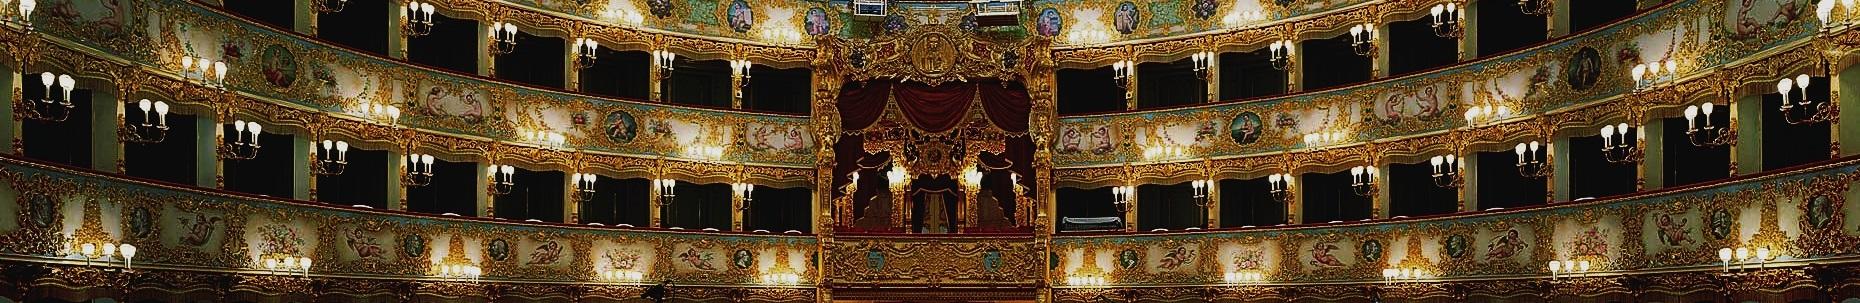 Teatro de la Fenice de Venecia